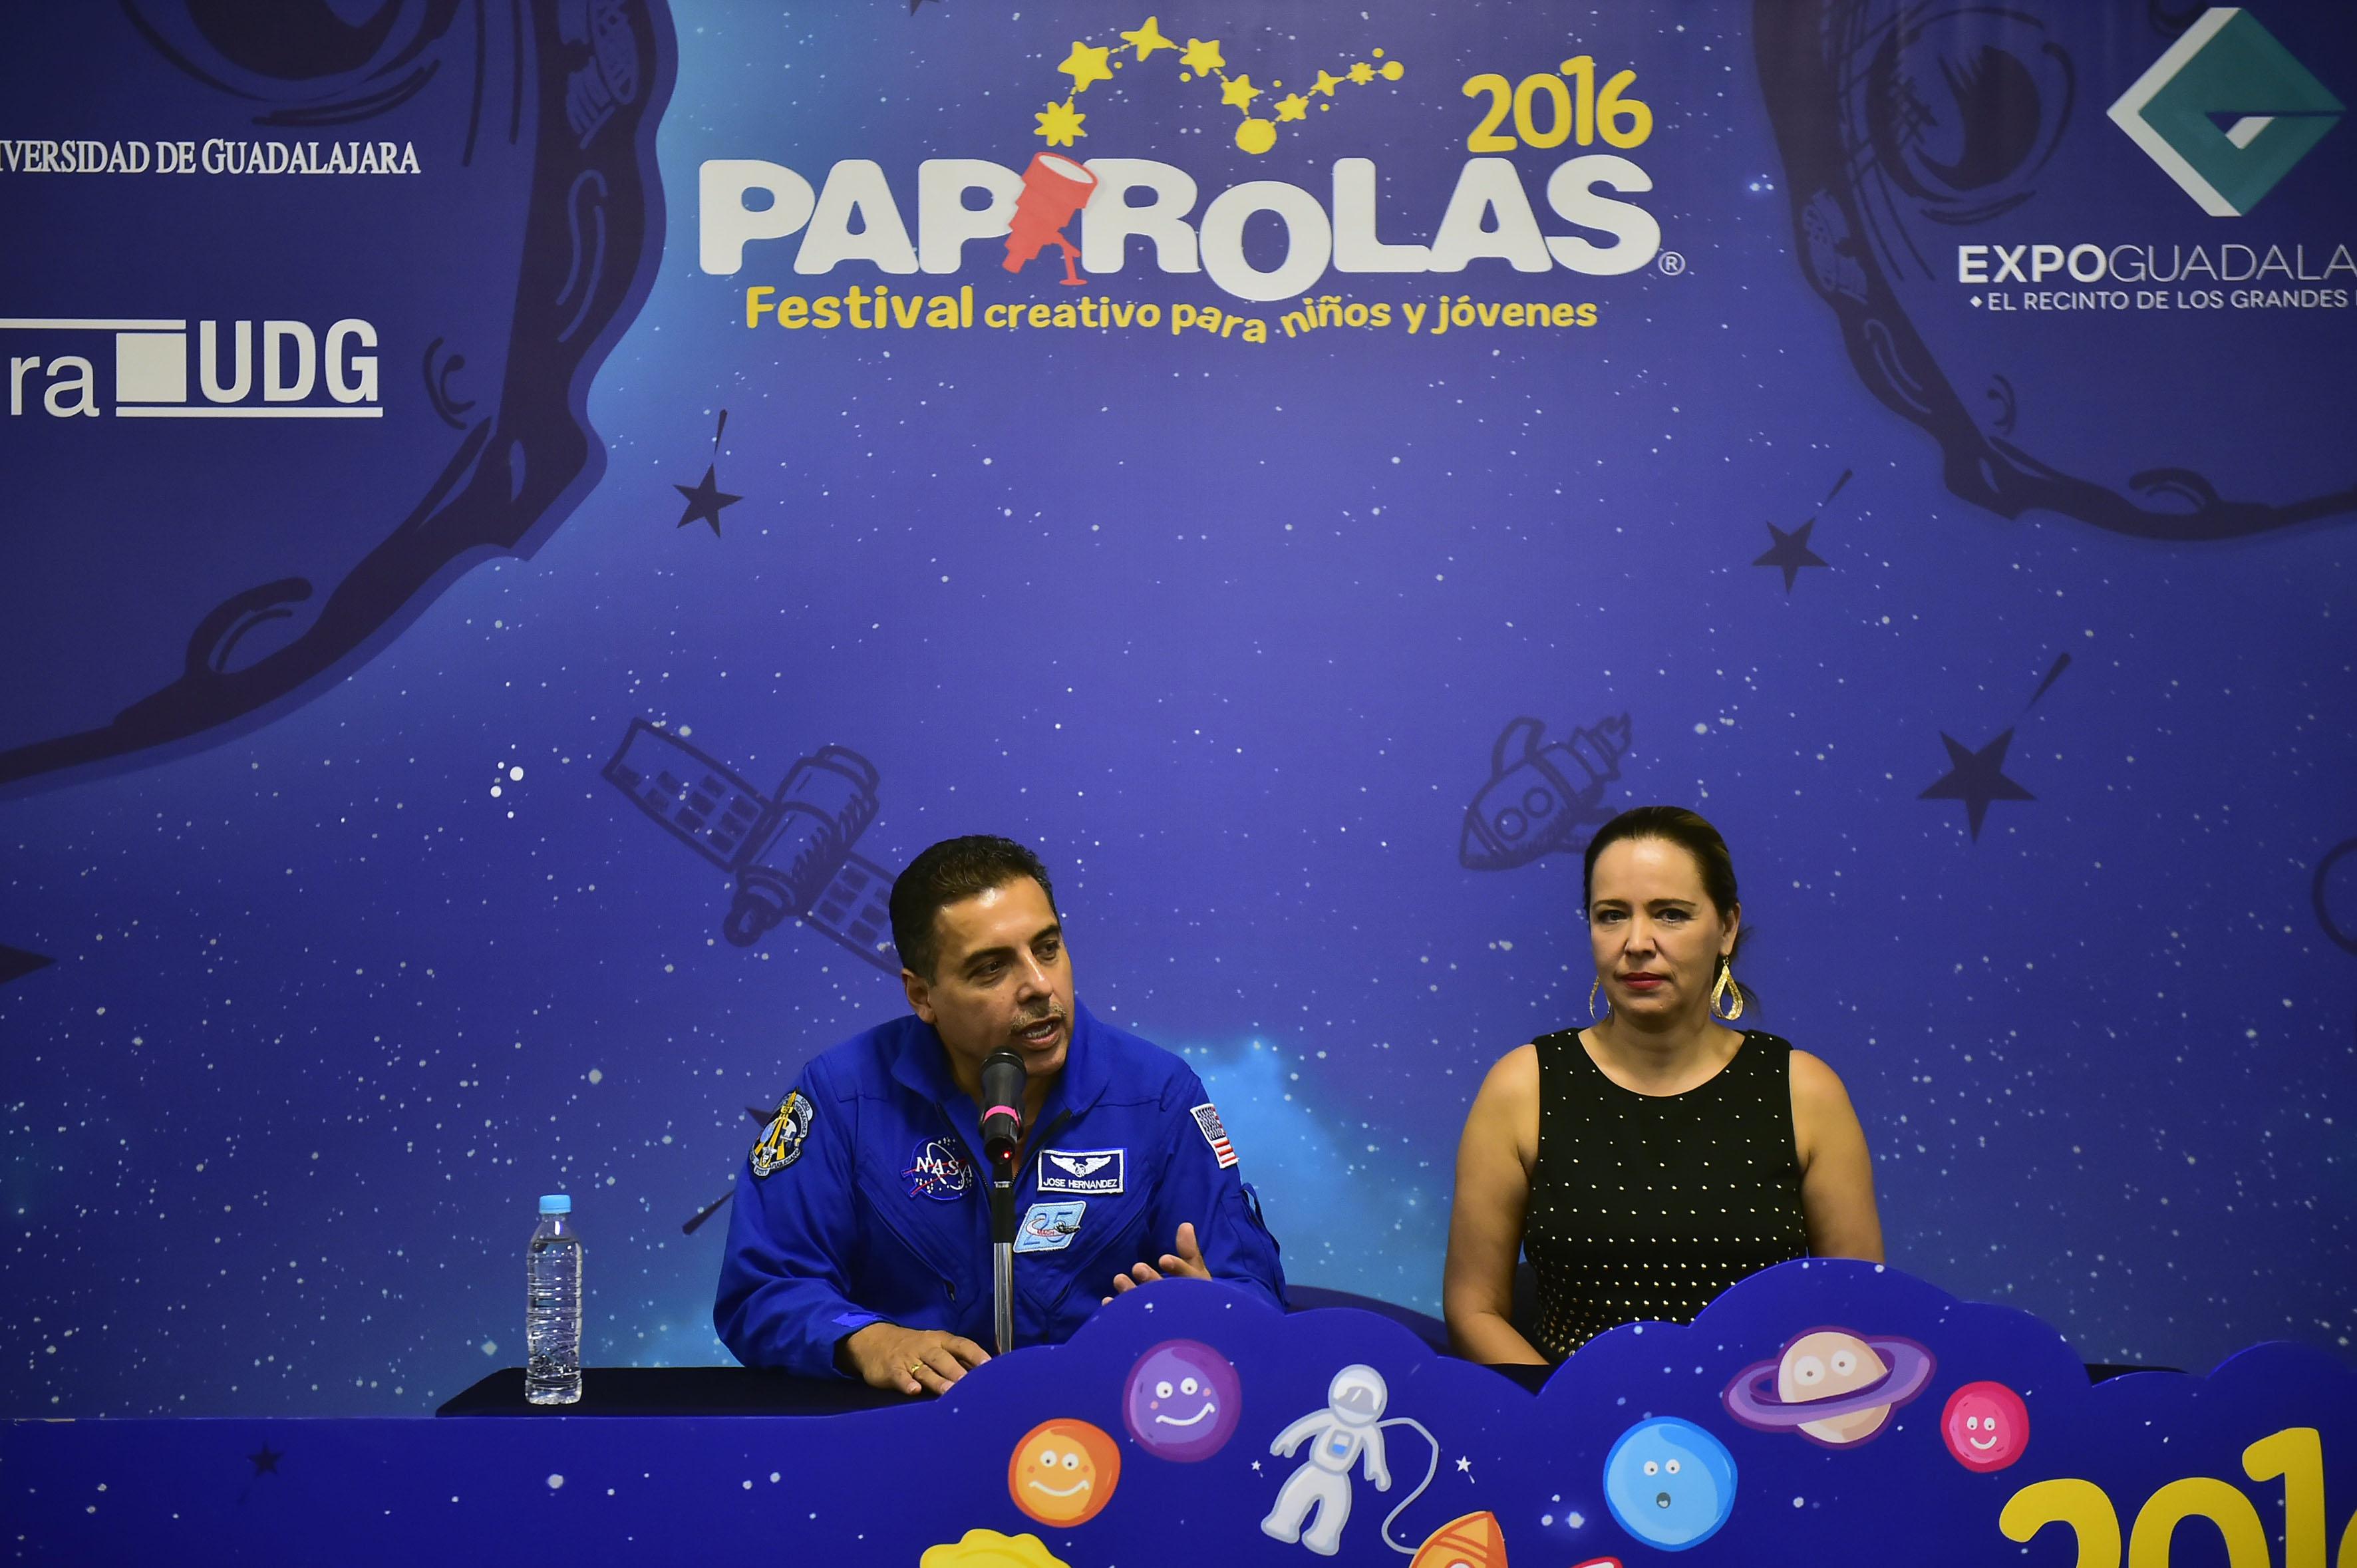 Astronauta méxico-estadounidense José Hernández  participando en conferencia en el evento de Papirolas 2016